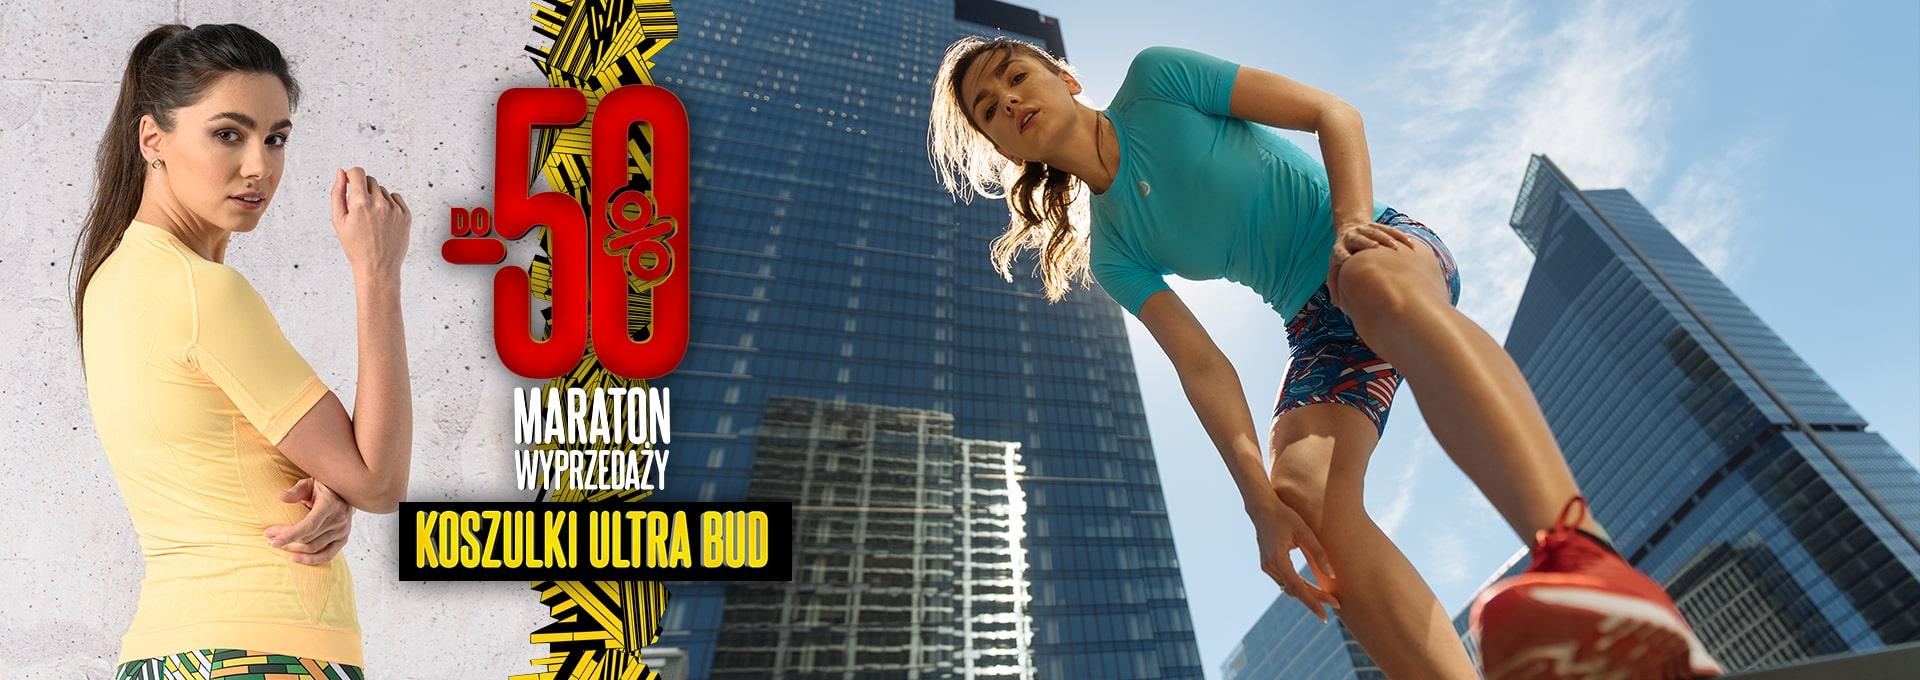 Maraton Koszulki Ultra